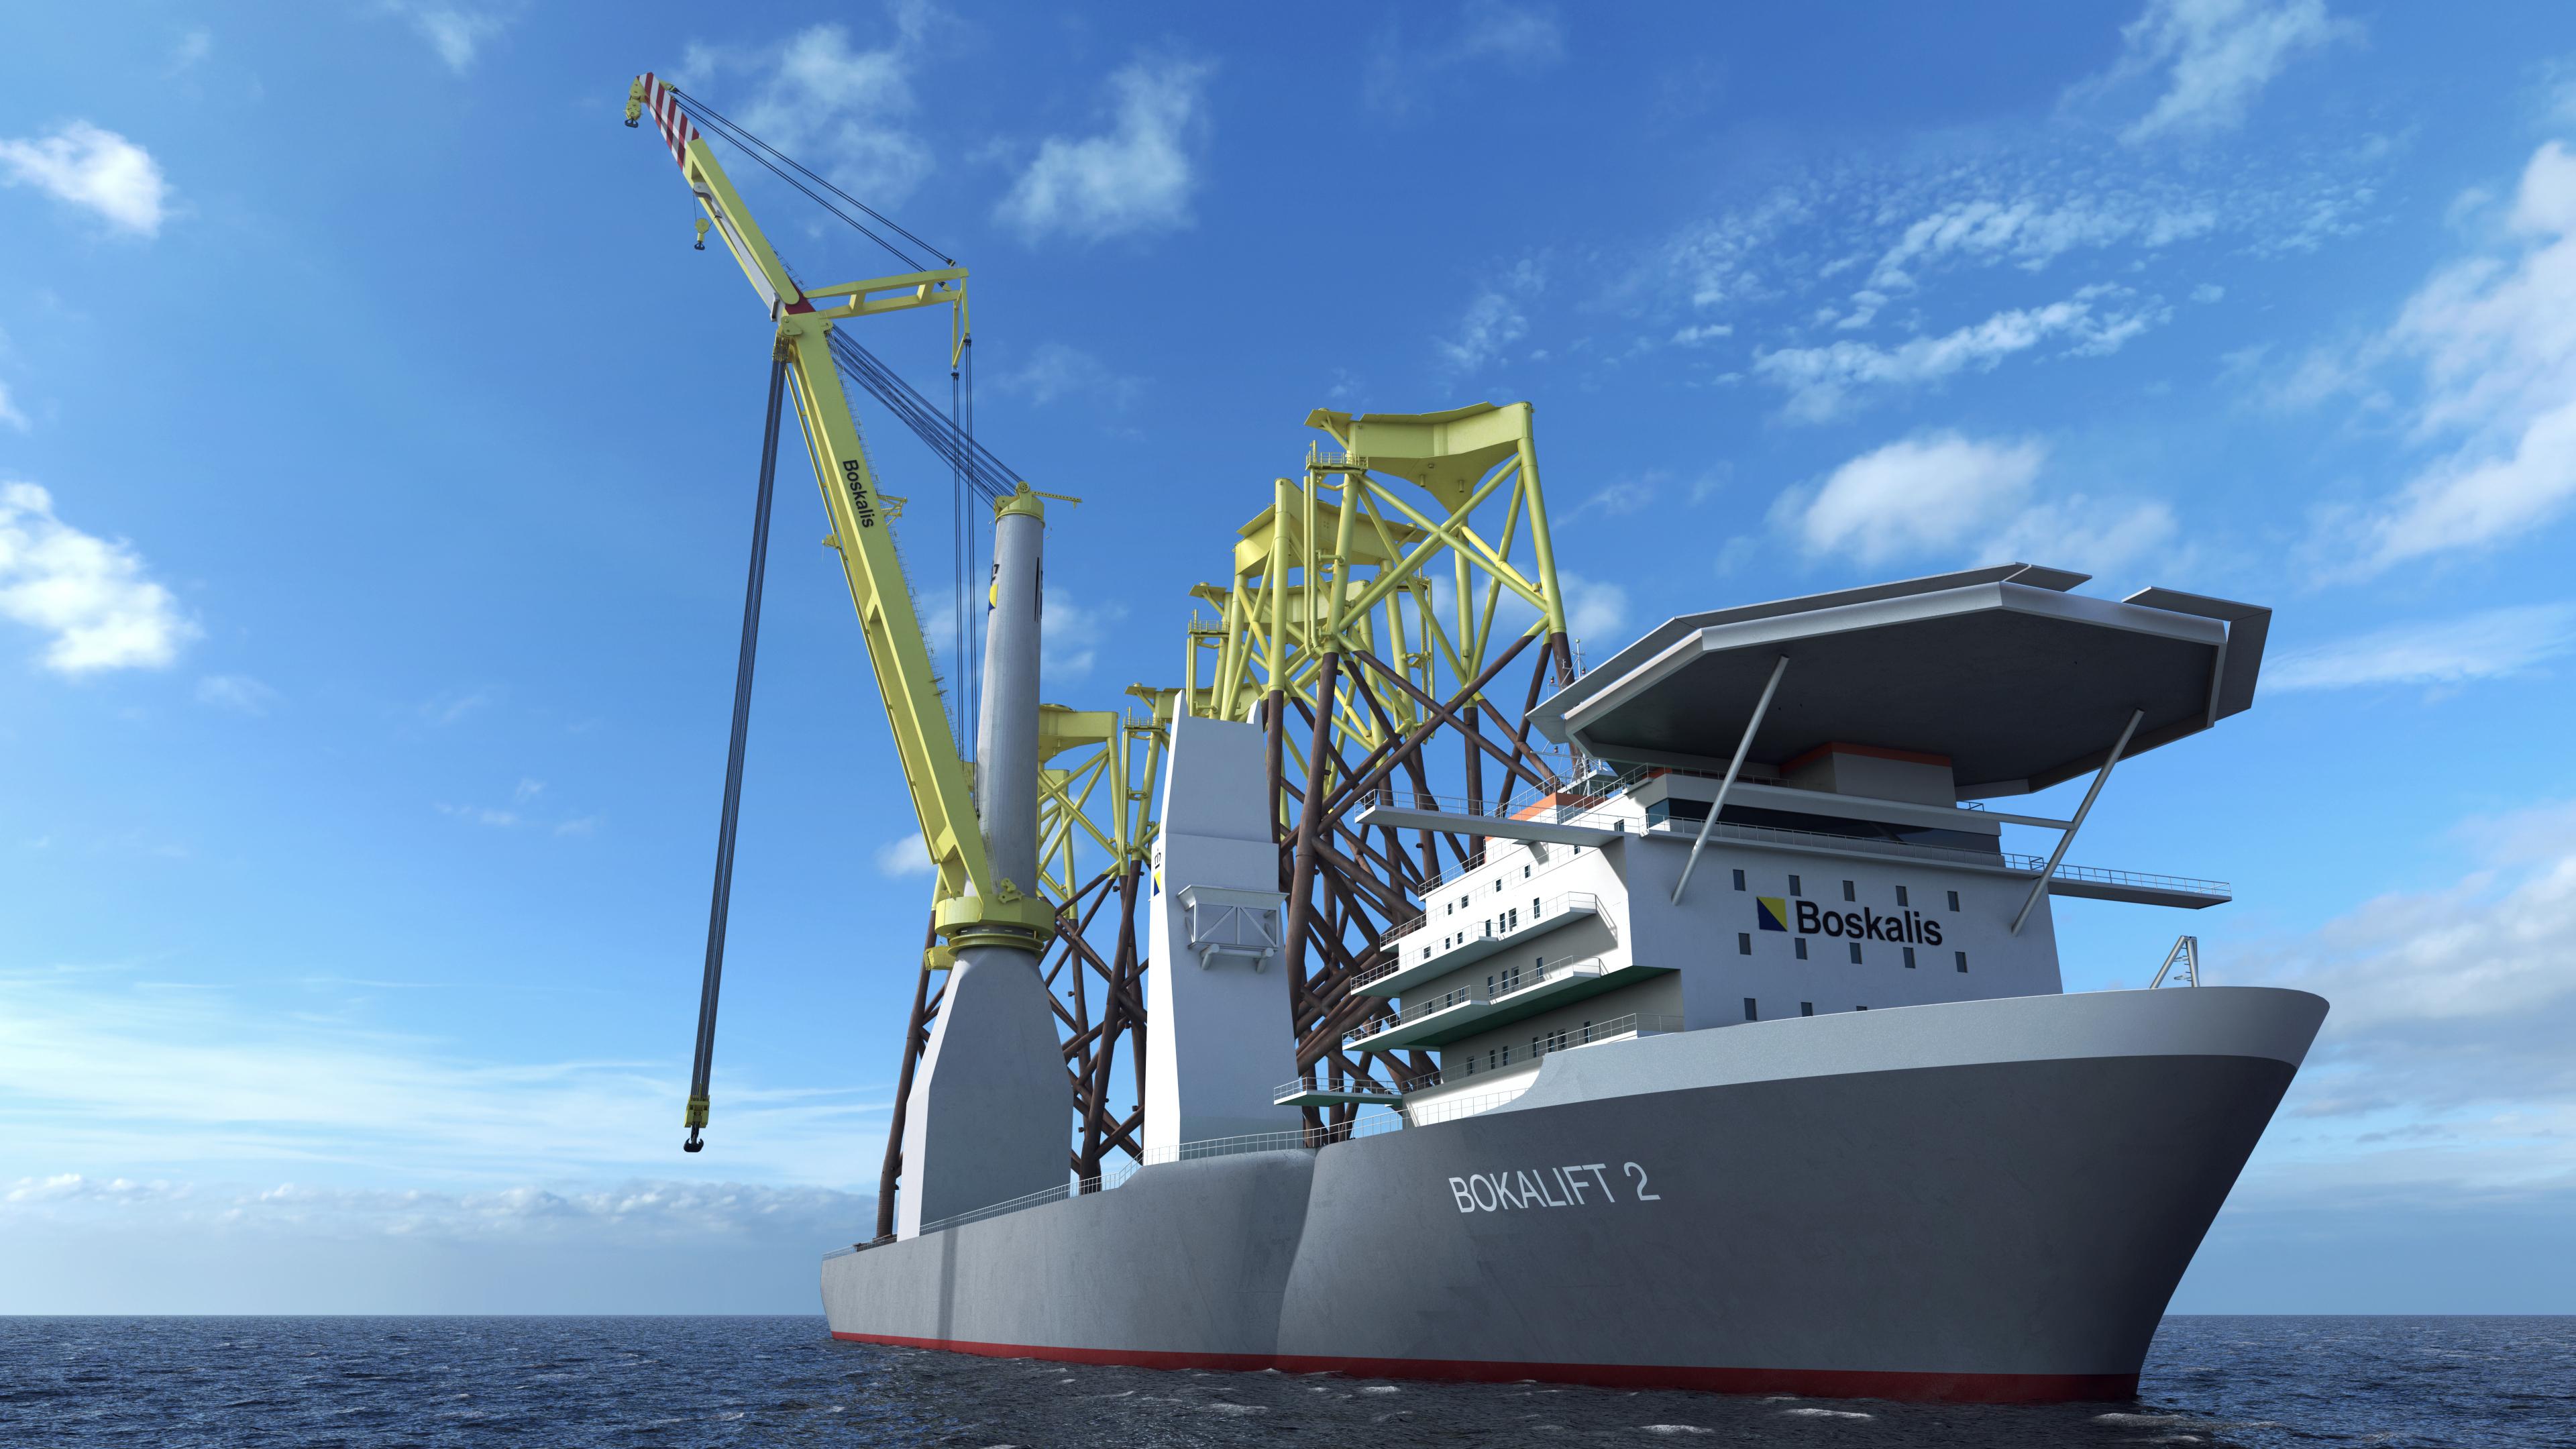 Boskalis' nieuwe kraanschip Bokalift 2 ingezet bij Taiwanese windparken